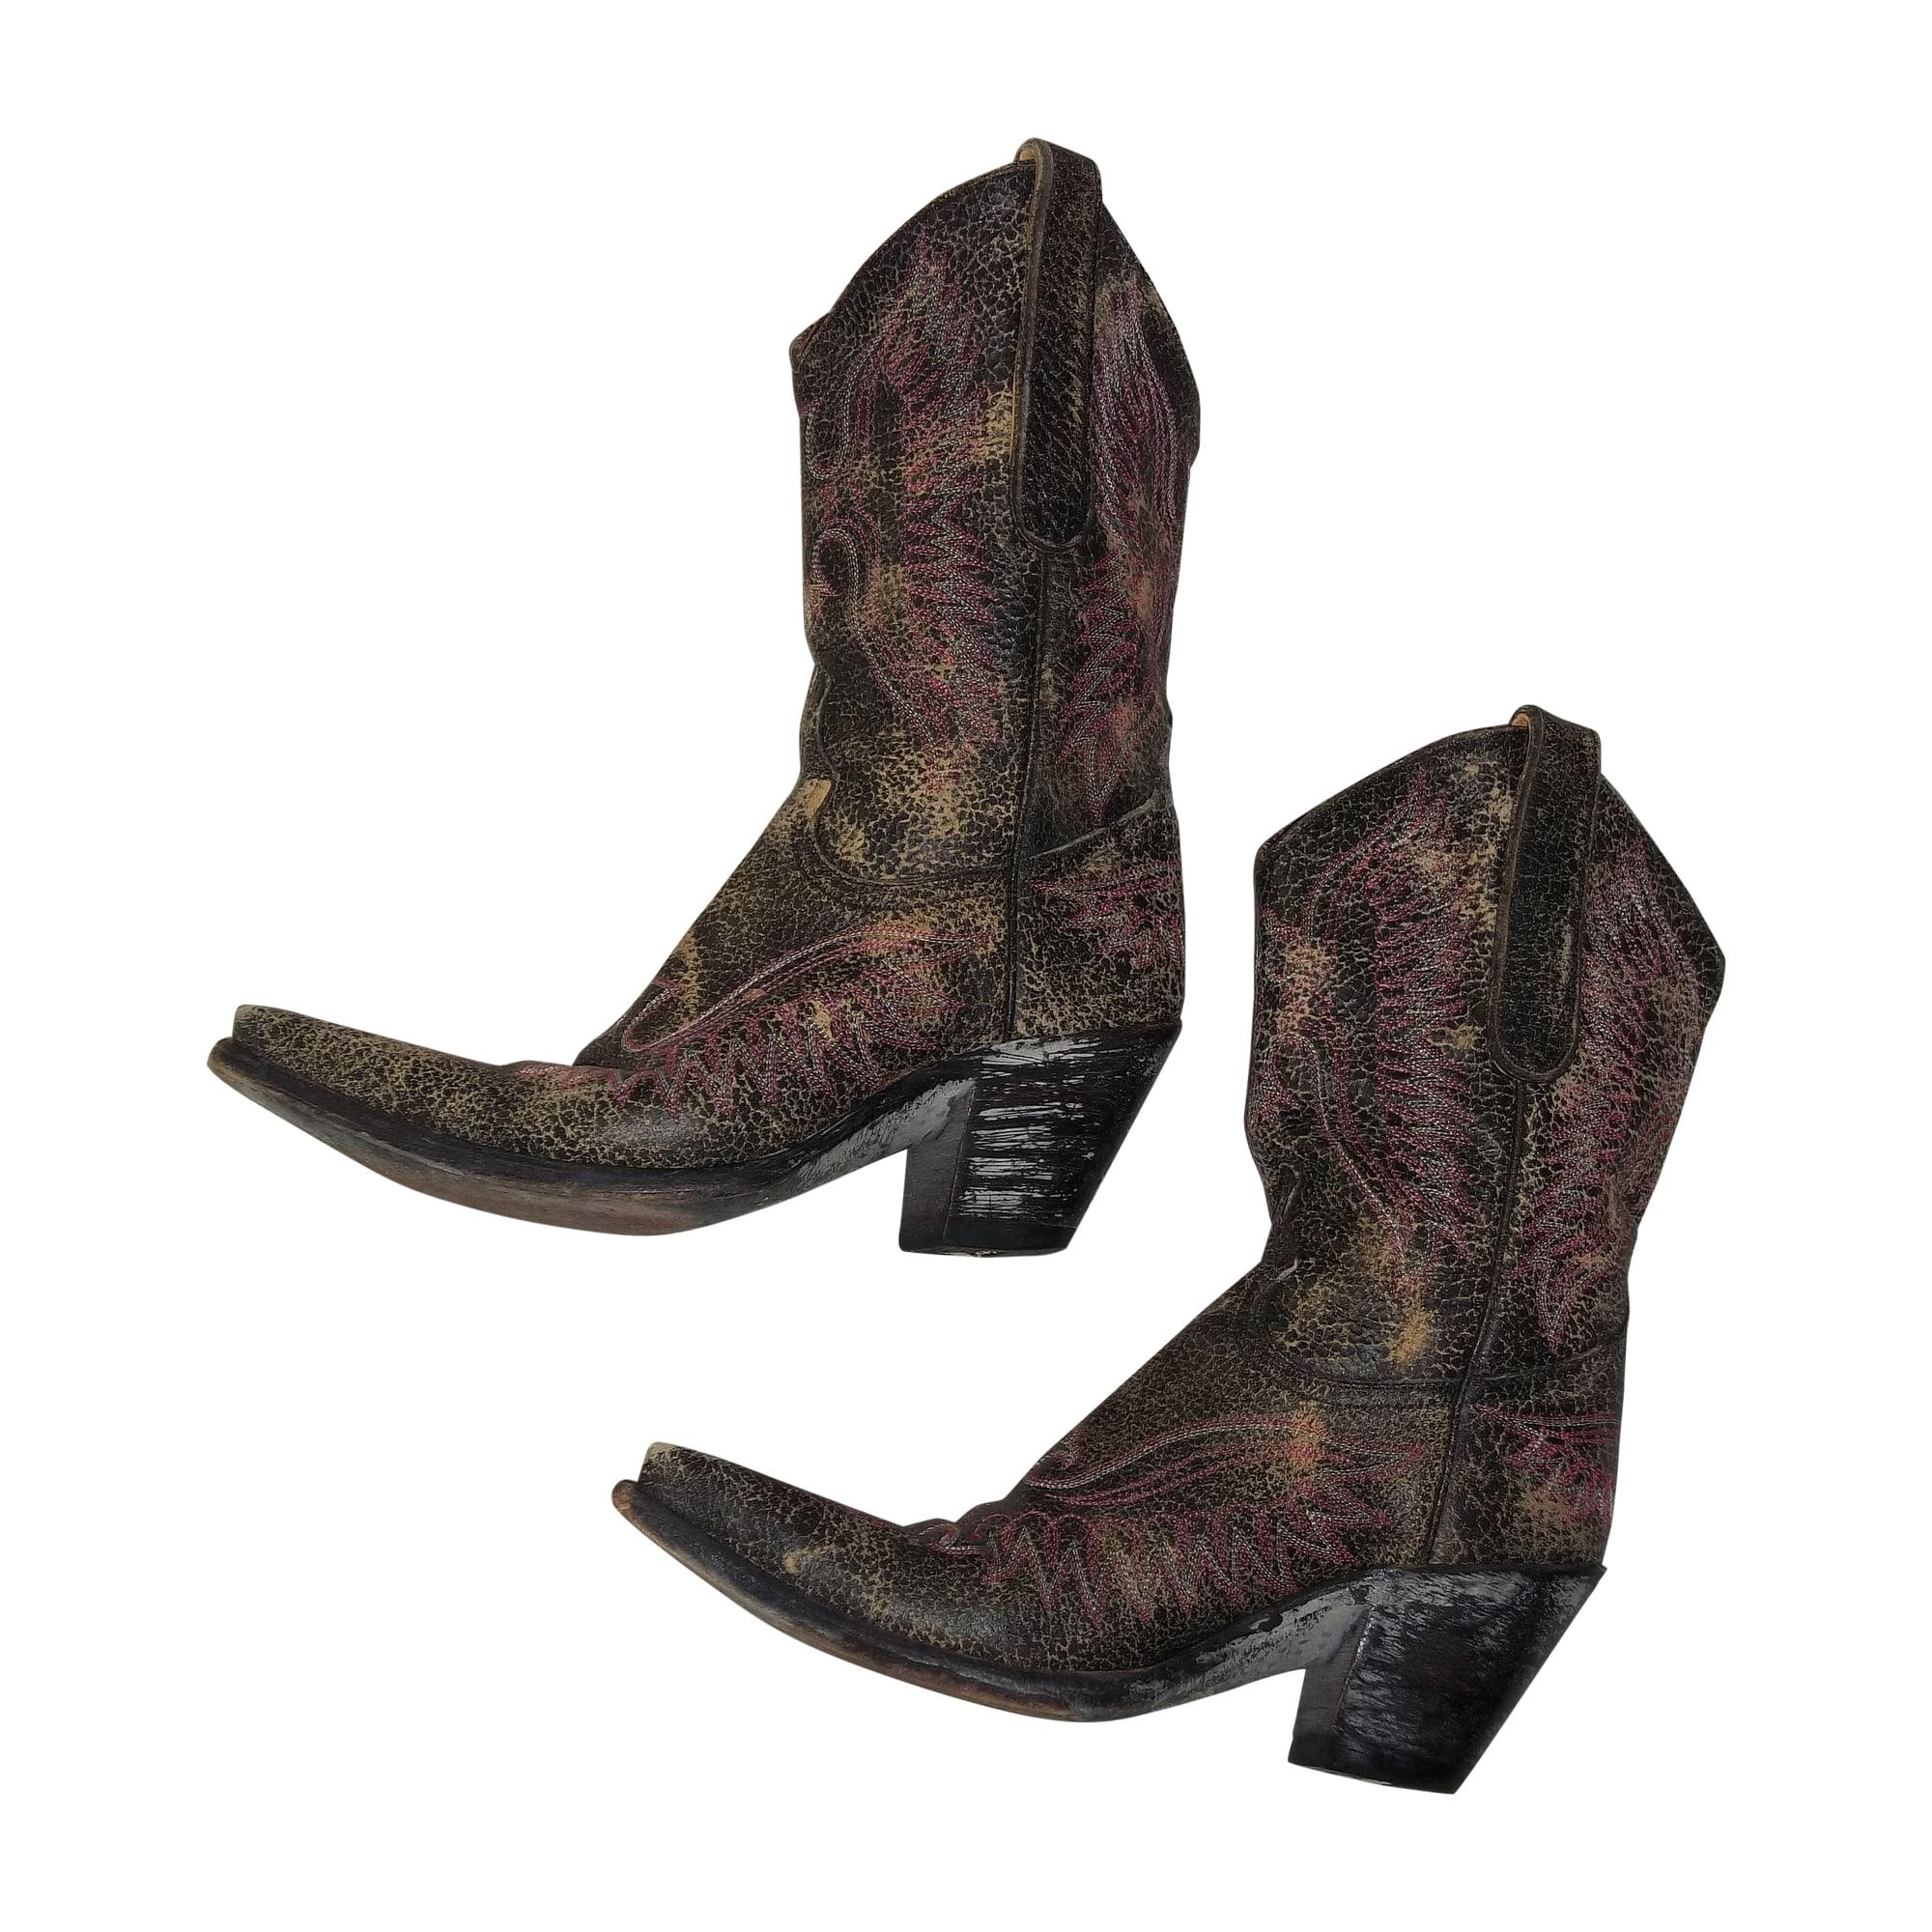 prix le plus bas prix plus bas avec nouveaux produits pour Santiags, bottes cowboy